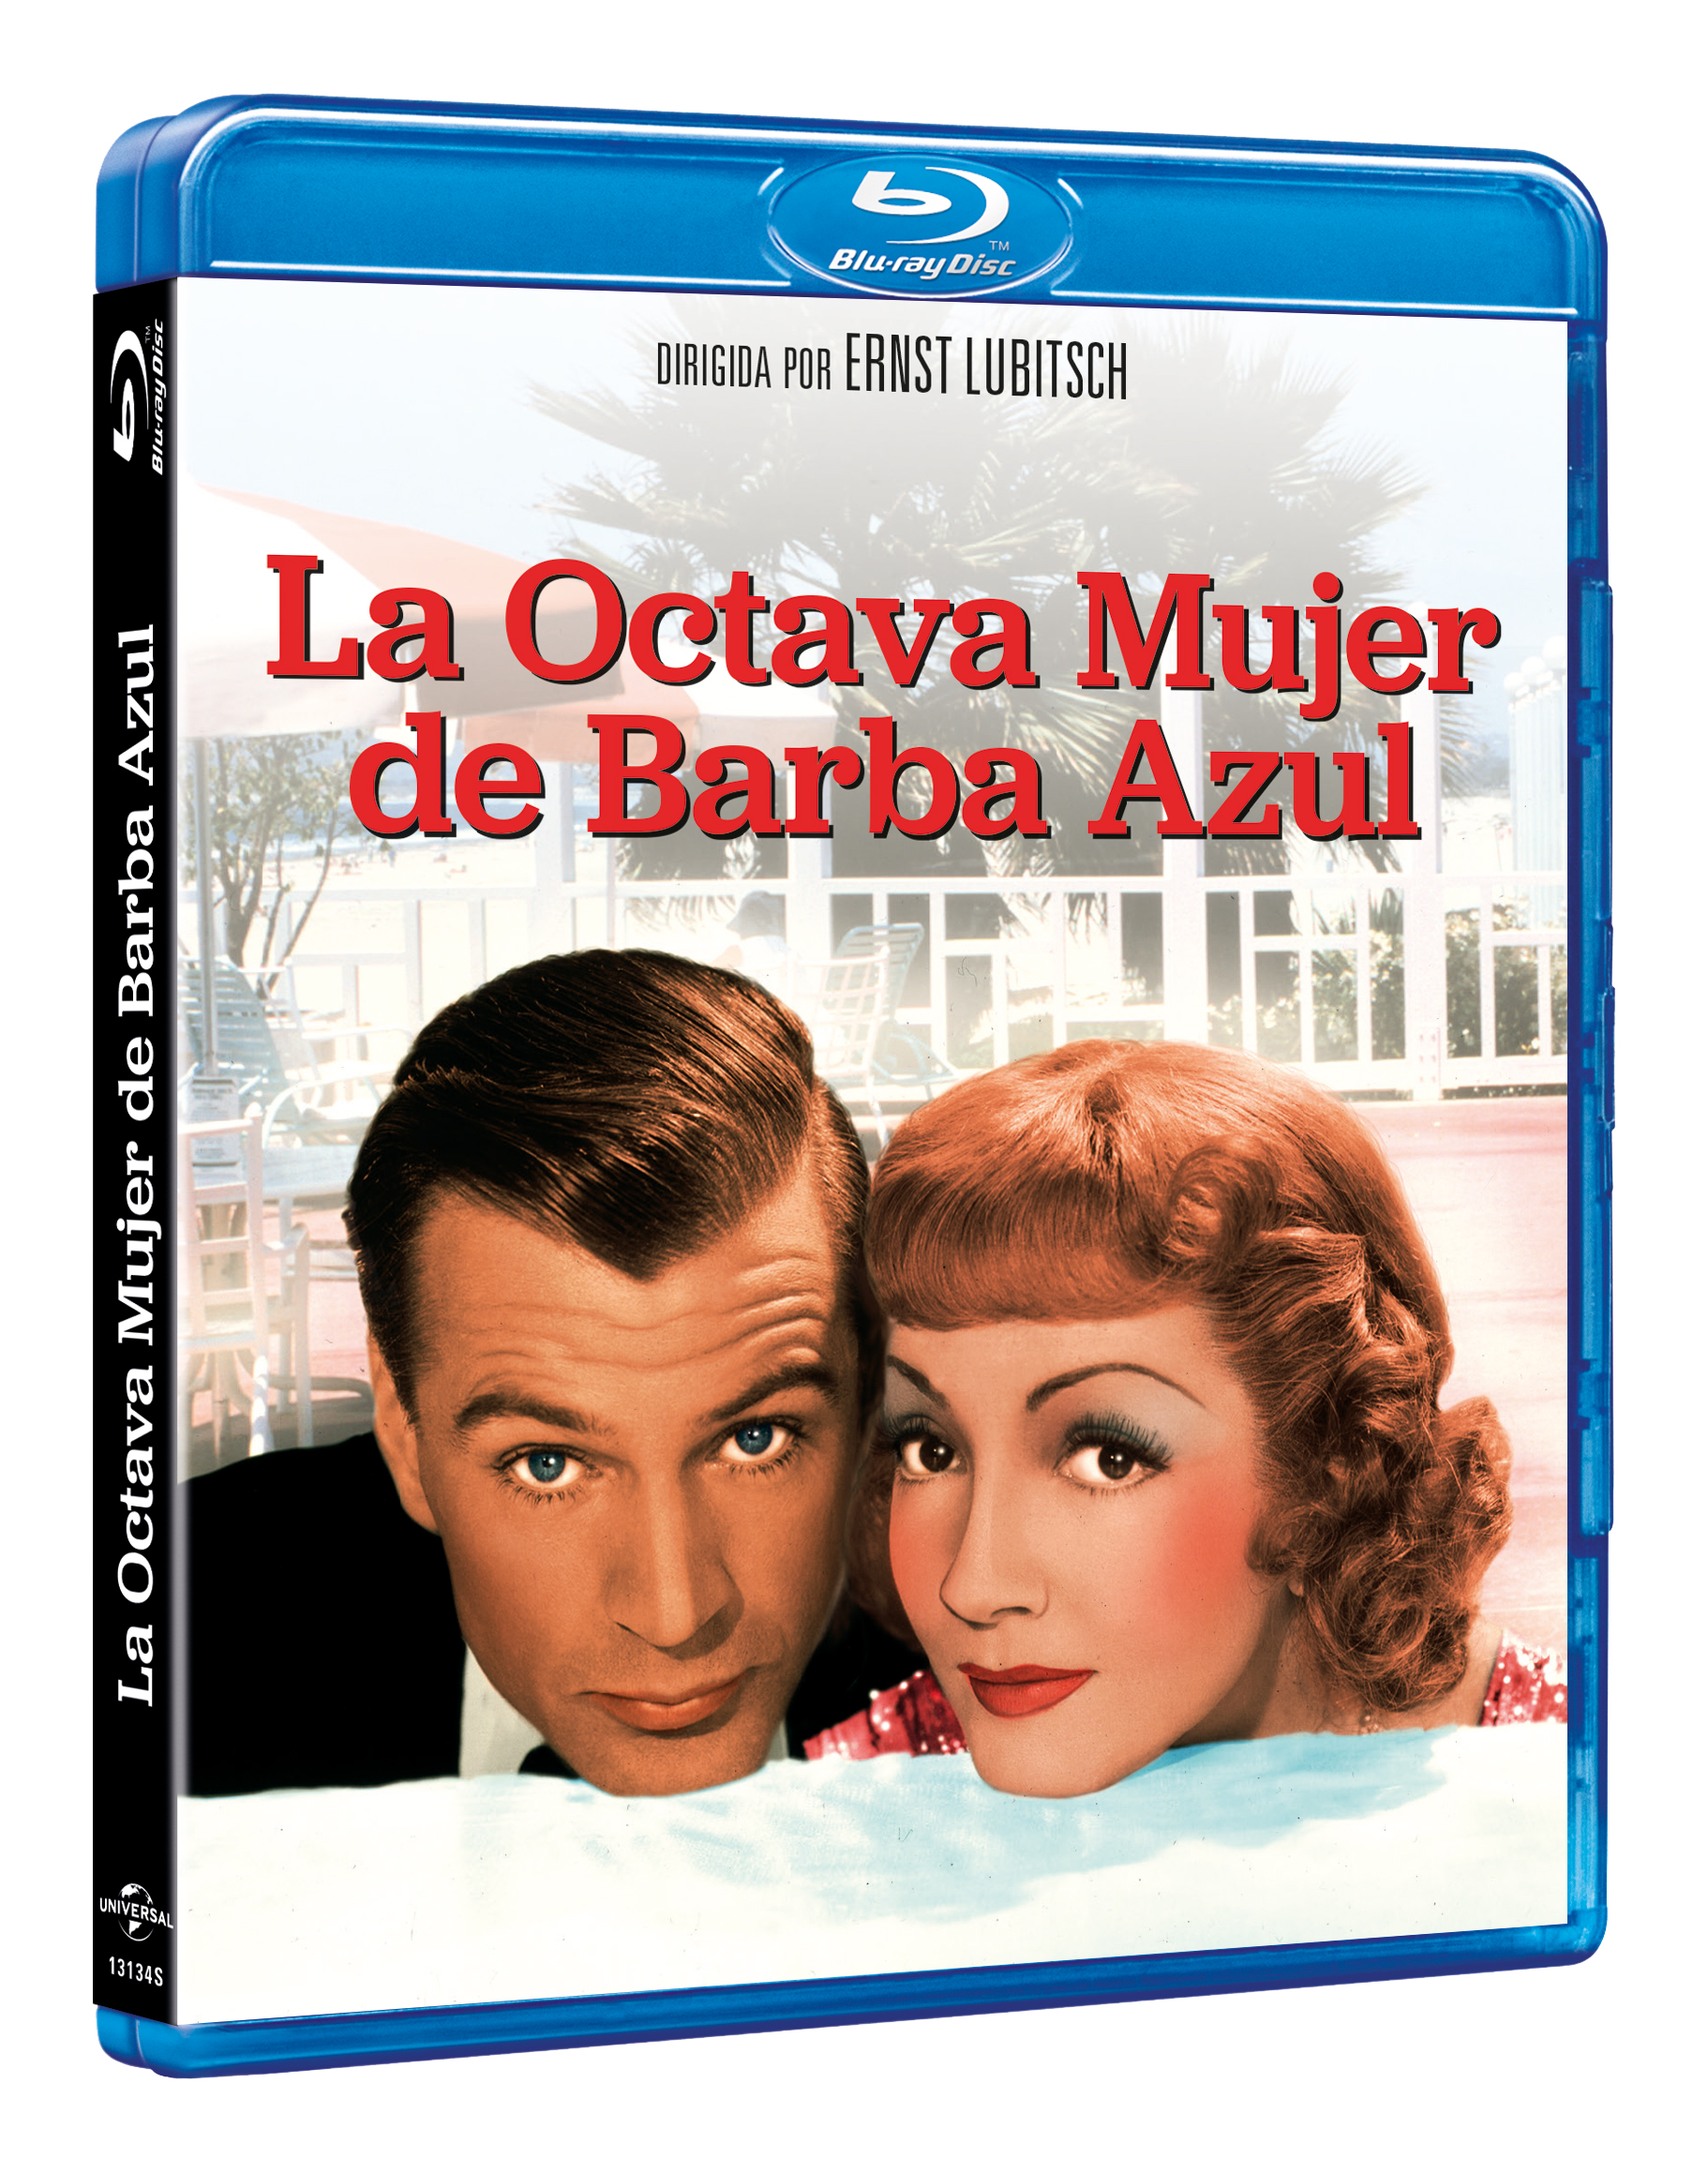 Clásicos de Universal en Blu-ray: 'Primera Plana', 'Un ladrón en la alcoba',… • En tu pantalla